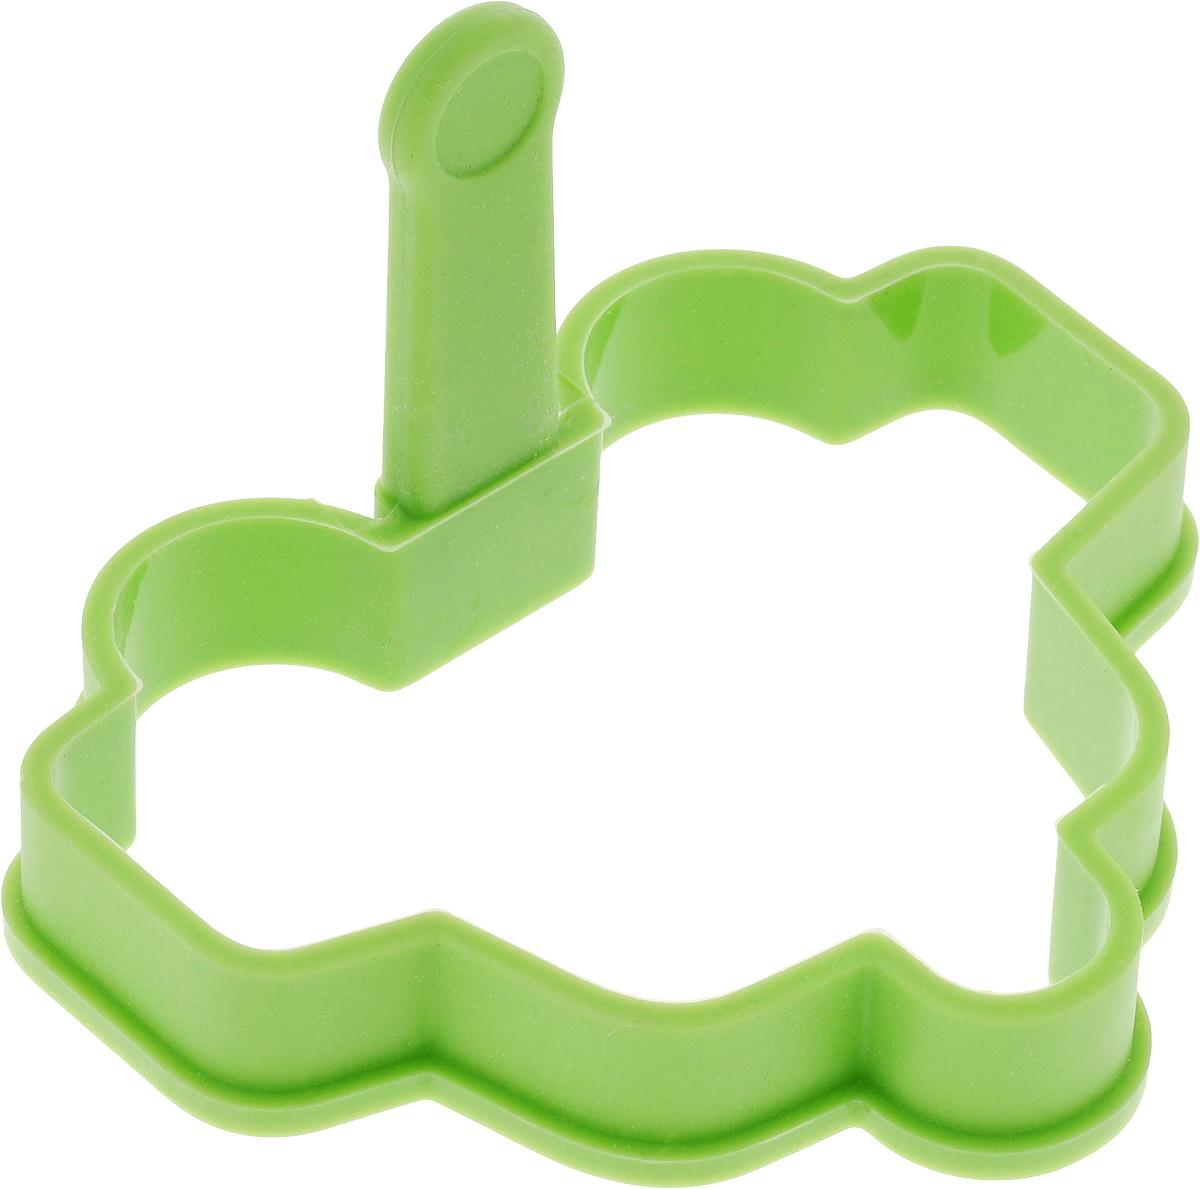 Форма для выпечки Tescoma Delicia Kids. Машинка, 12 х 11 см630951Форма для выпечки Tescoma Delicia Kids. Машинка изготовлена из высококачественного термостойкого силикона, который выдерживает температуру от -40°С до +230°С. Форма идеально подойдет для приготовления глазуньи, омлета, оладьев или драников на сковороде или в духовке, а также для приготовления желе, пудингов. Оснащена удобной ручкой. Можно мыть в посудомоечной машине, использовать в СВЧ-печи и духовке.